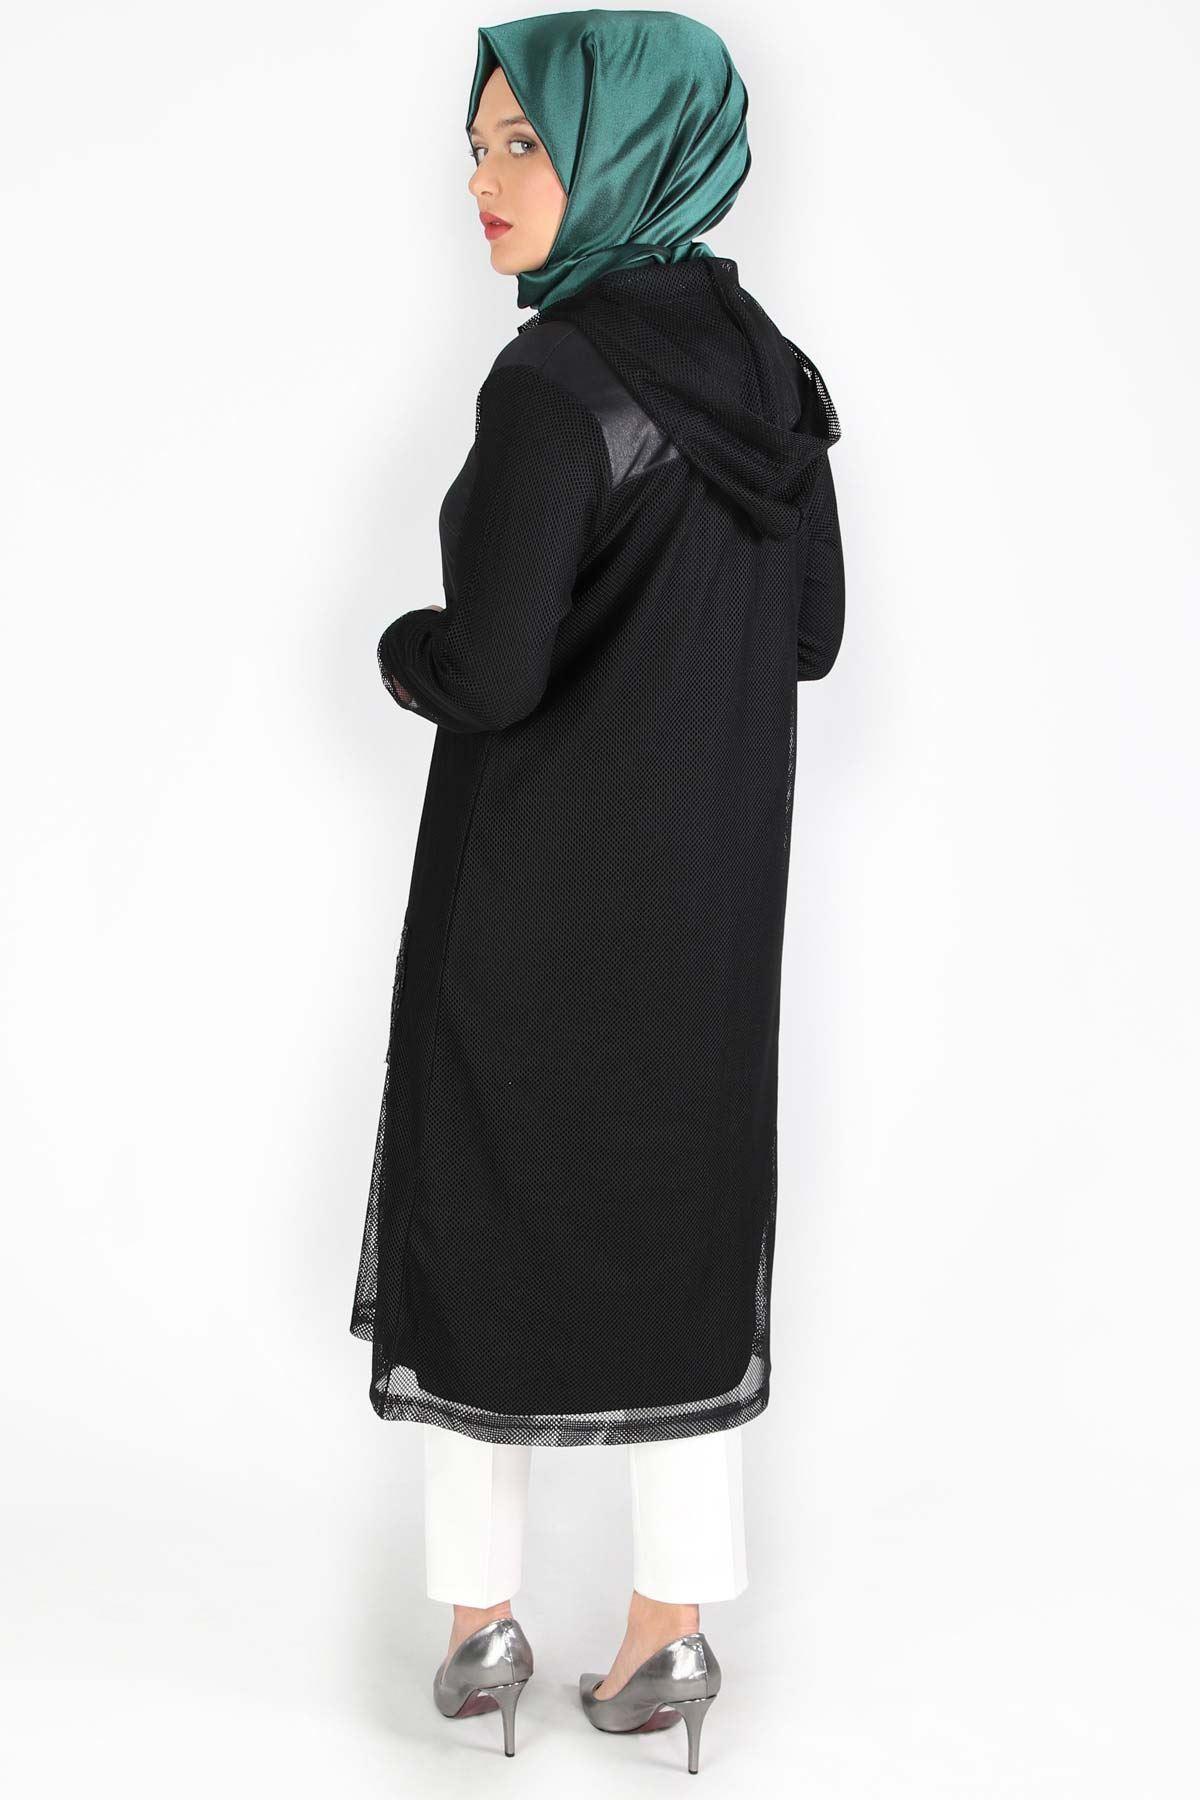 Ruşen Fileli Takım Siyah 45002